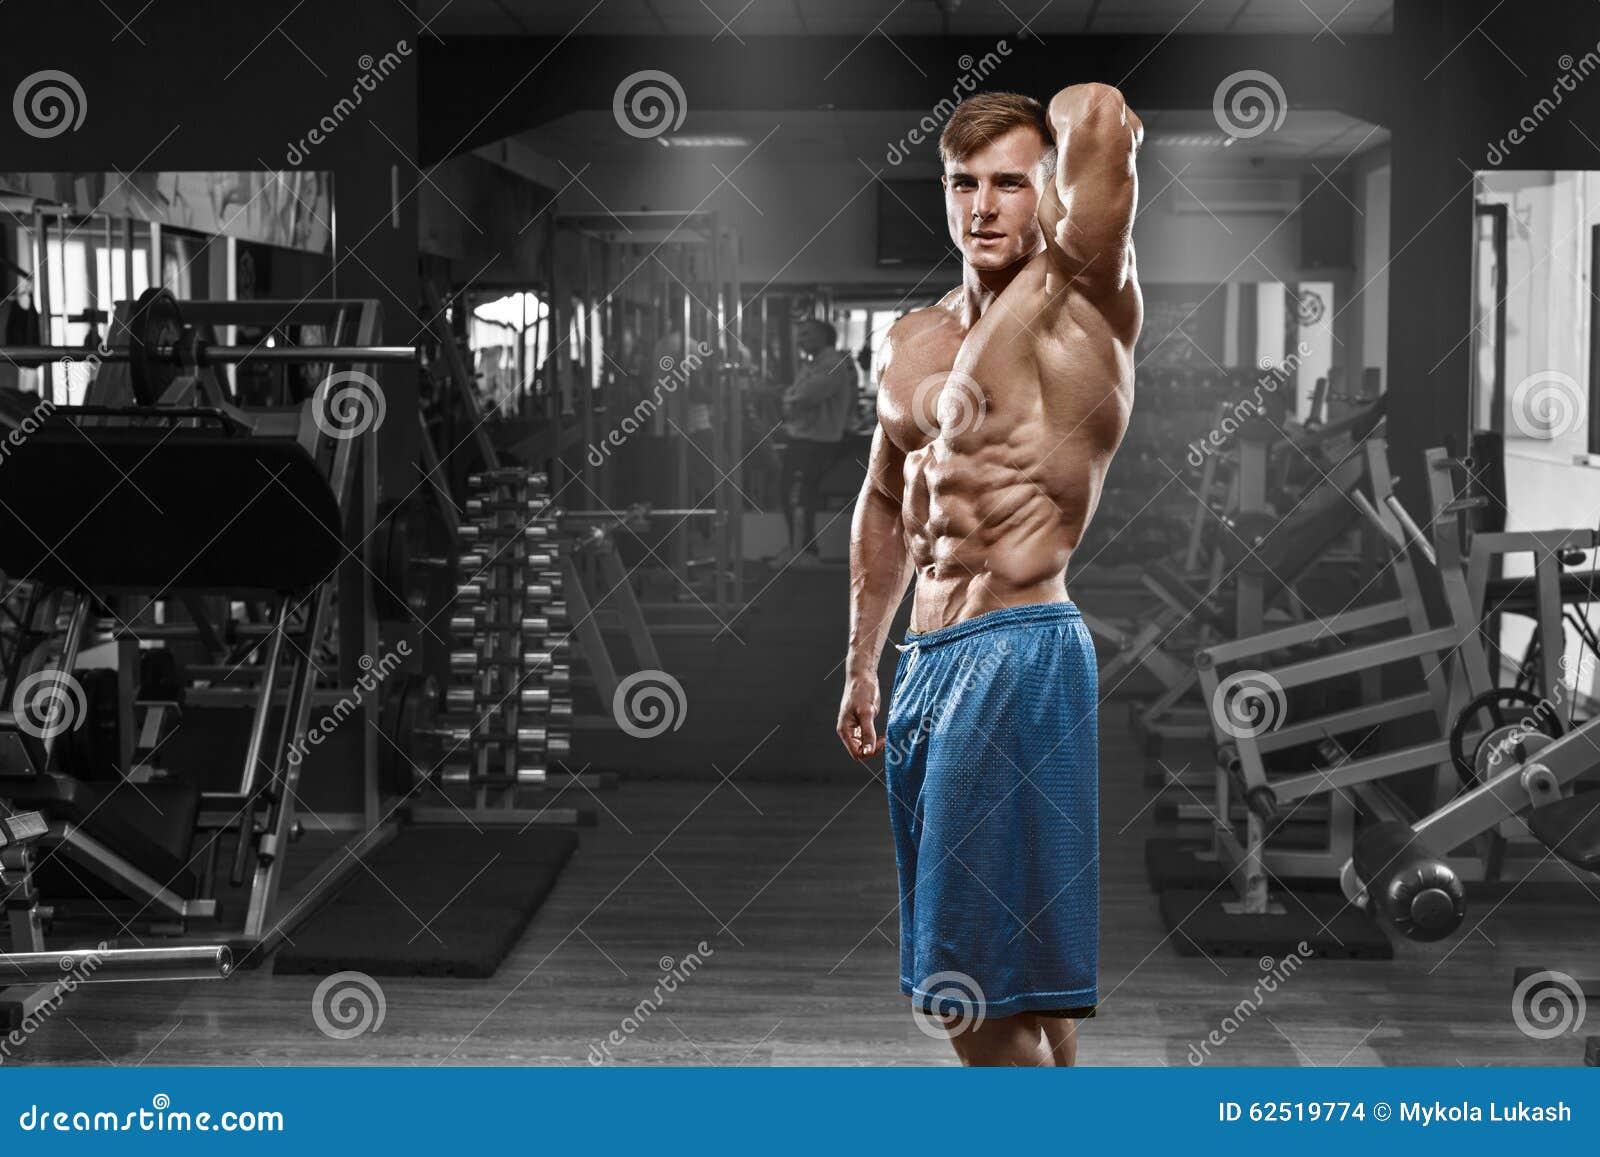 Sexig muskulös man som poserar i idrottshallen, format buk- Stark manlig naken torsoabs som utarbetar